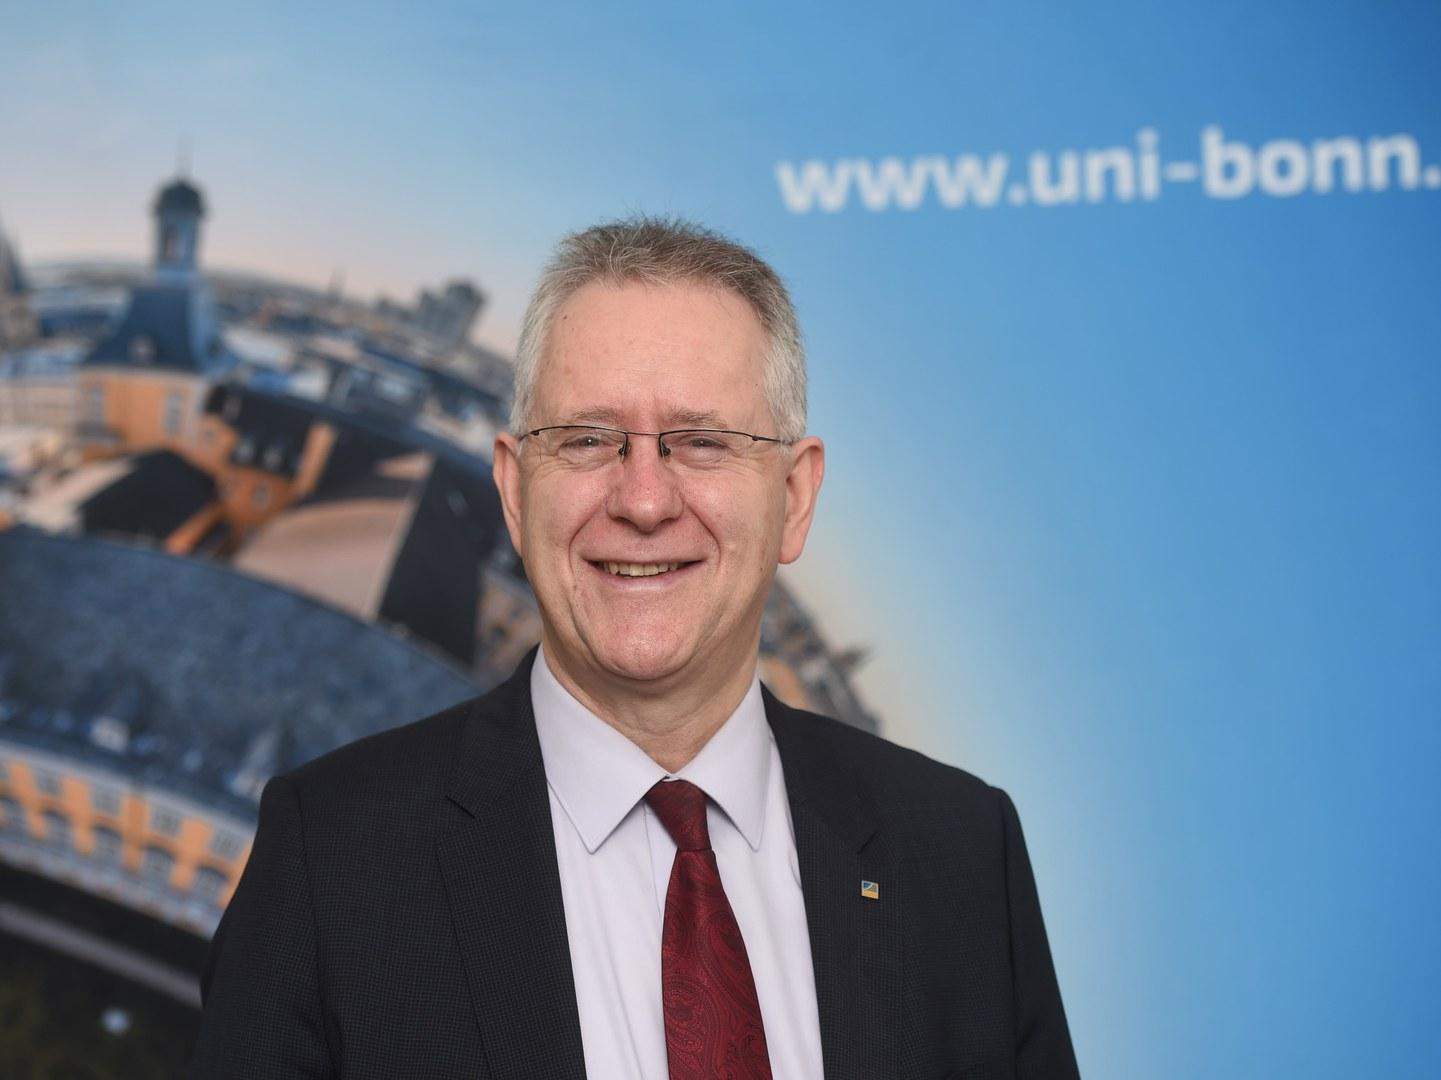 Rektor Prof. Dr. Dr. h.c. Michael Hoch zum Hochschulmanager 2019 nominiert. Foto: Barbara Frommann/Uni Bonn